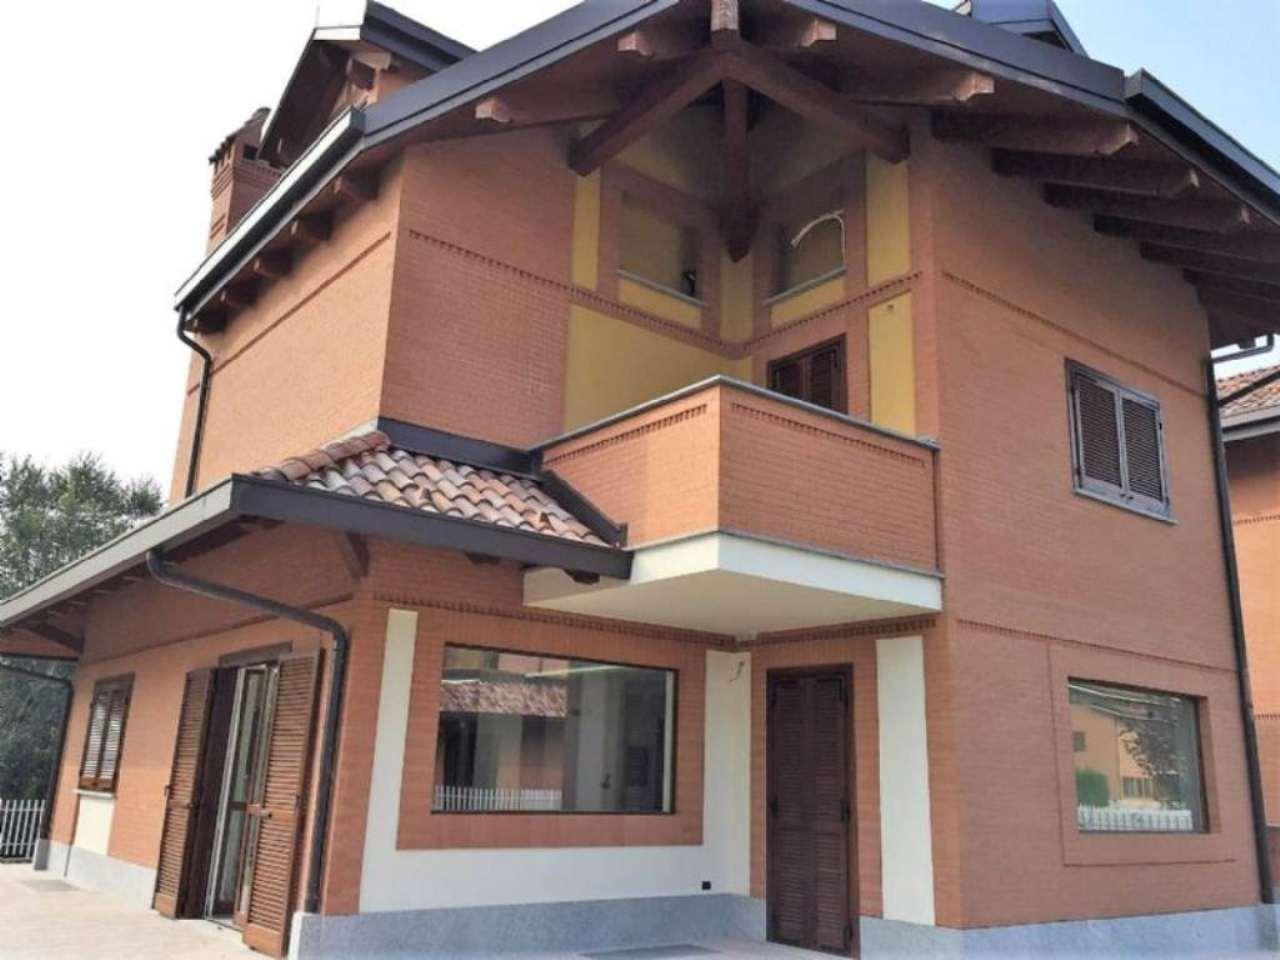 Soluzione Indipendente in vendita a Rivarossa, 10 locali, prezzo € 350.000 | CambioCasa.it